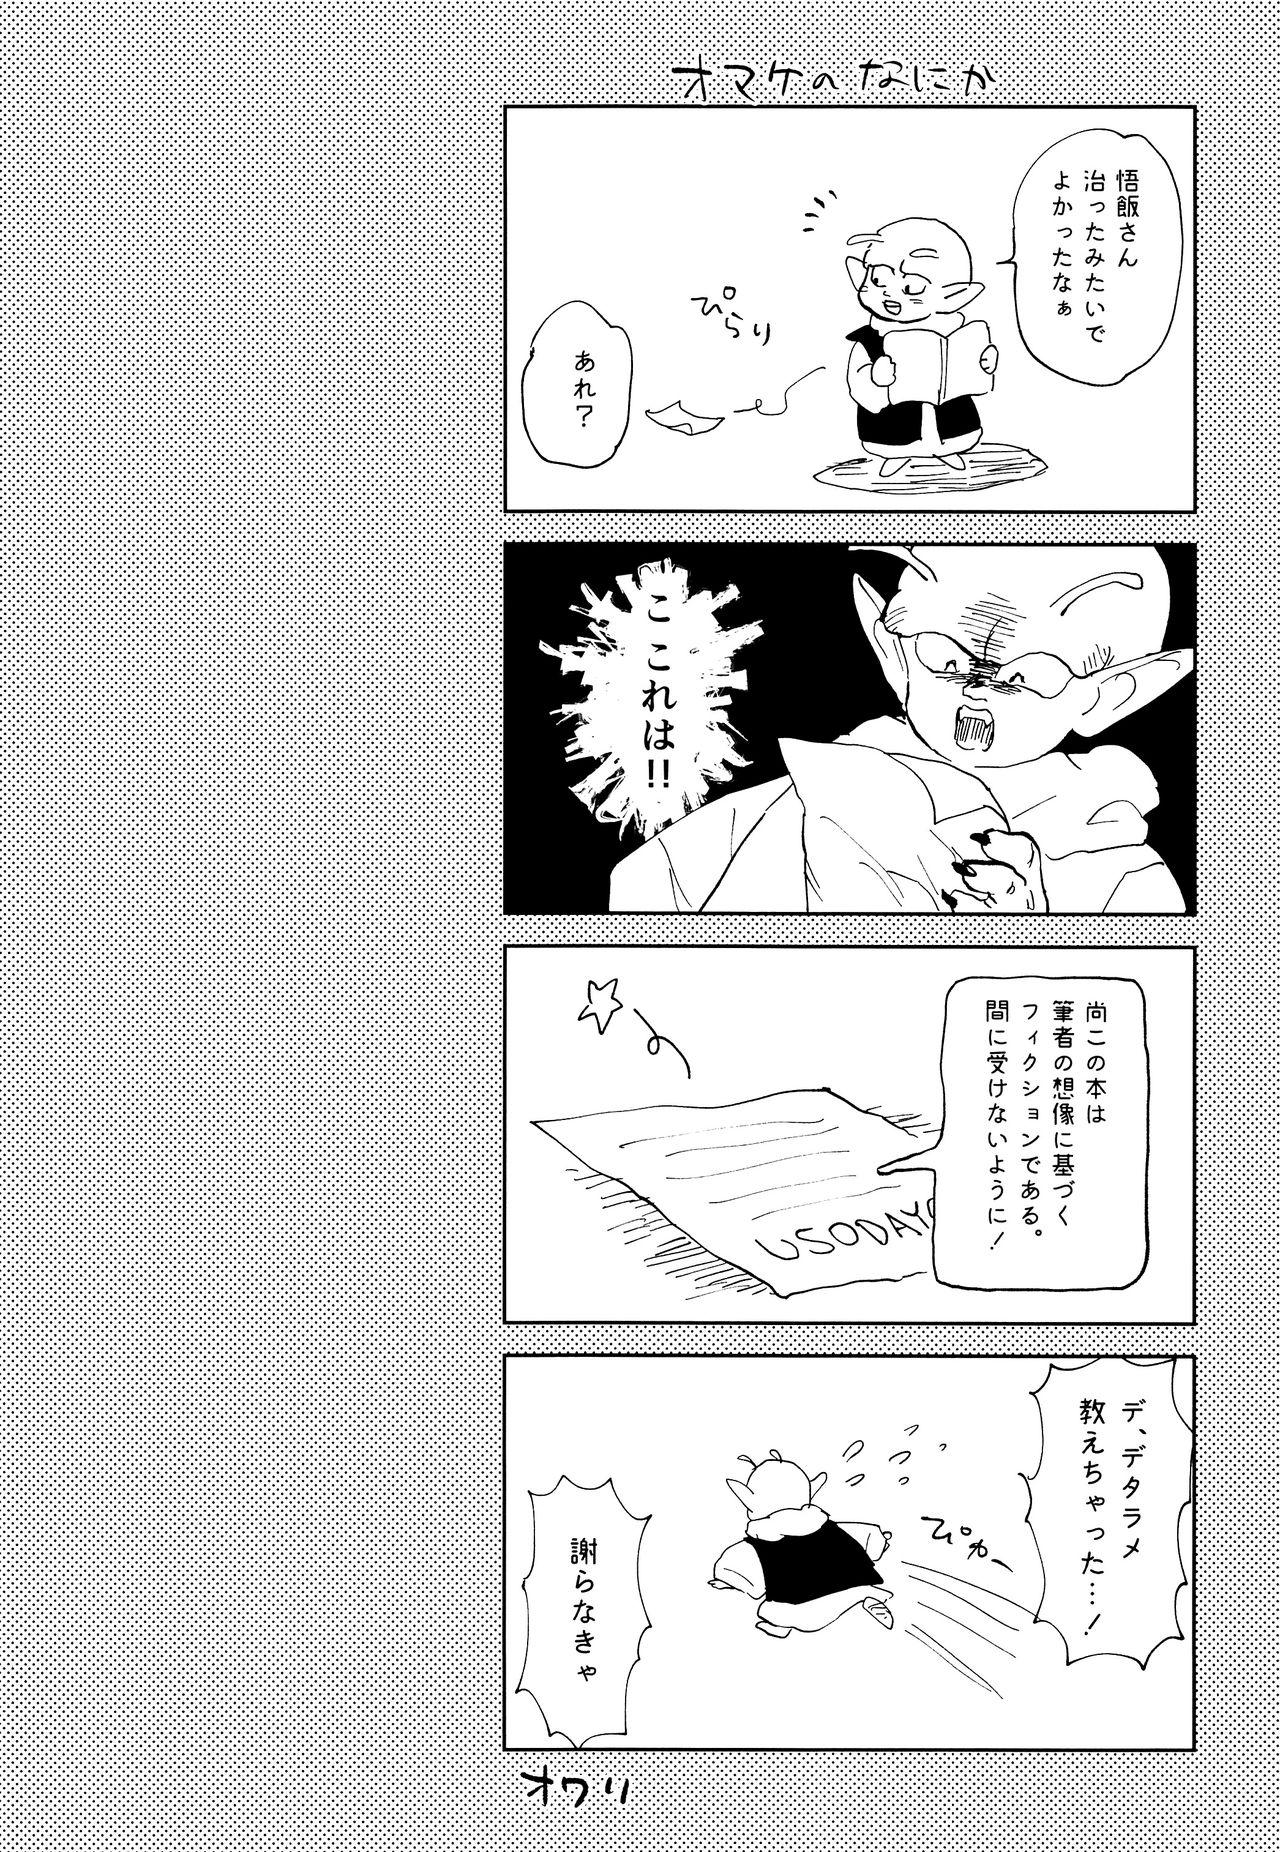 Tsuki ni Somuite 18